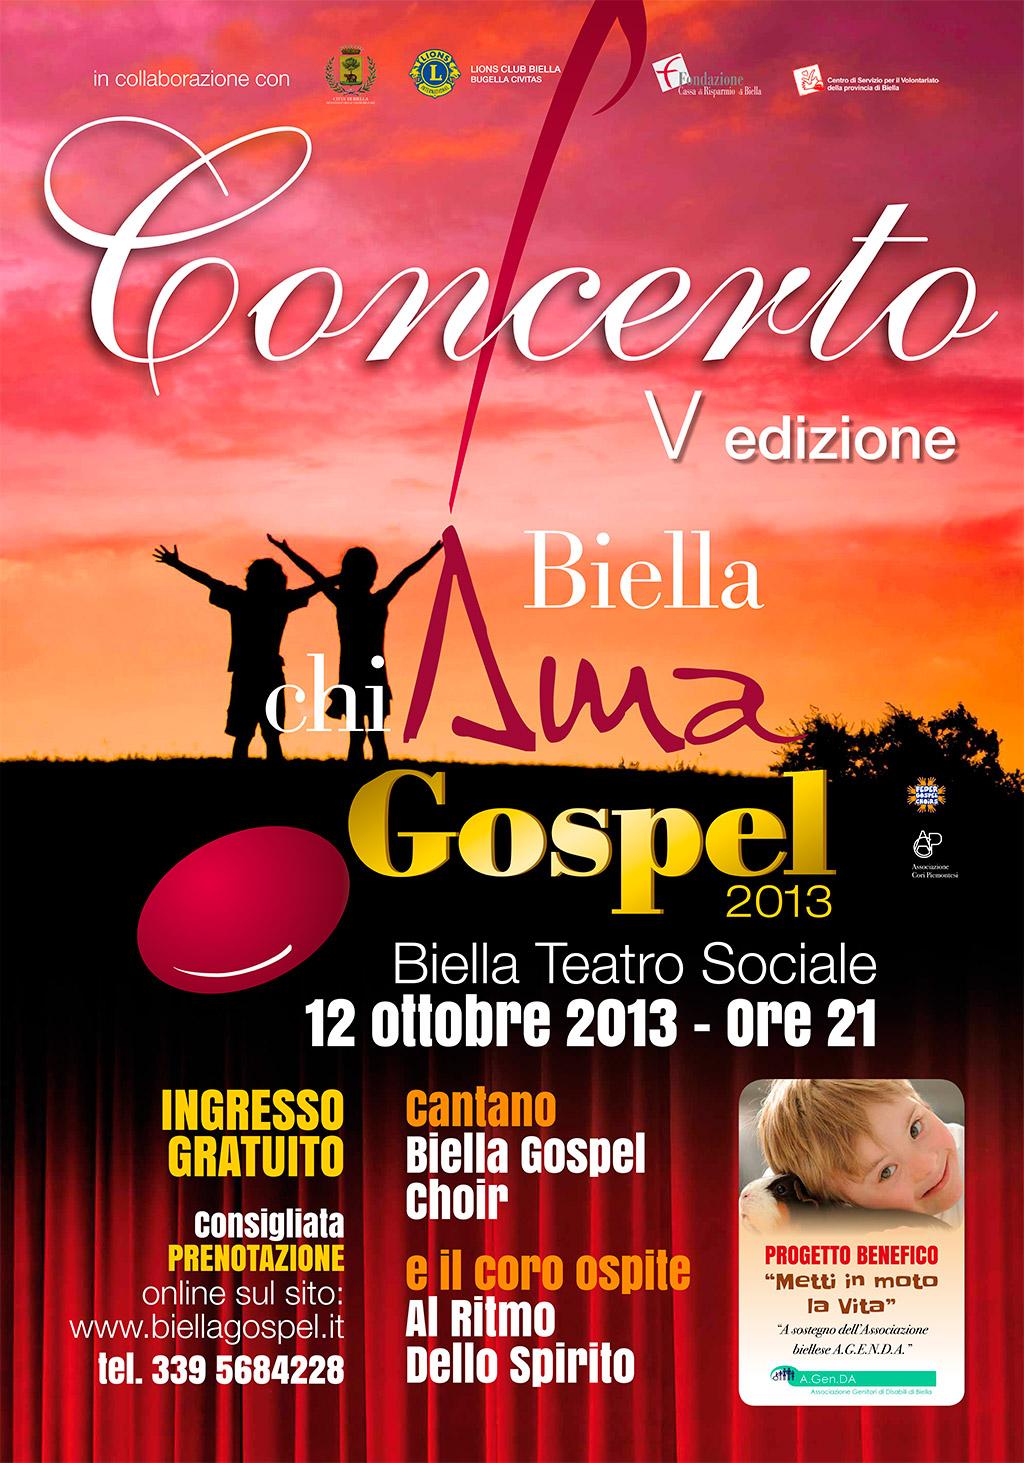 Biella chiAma Gospel 2013